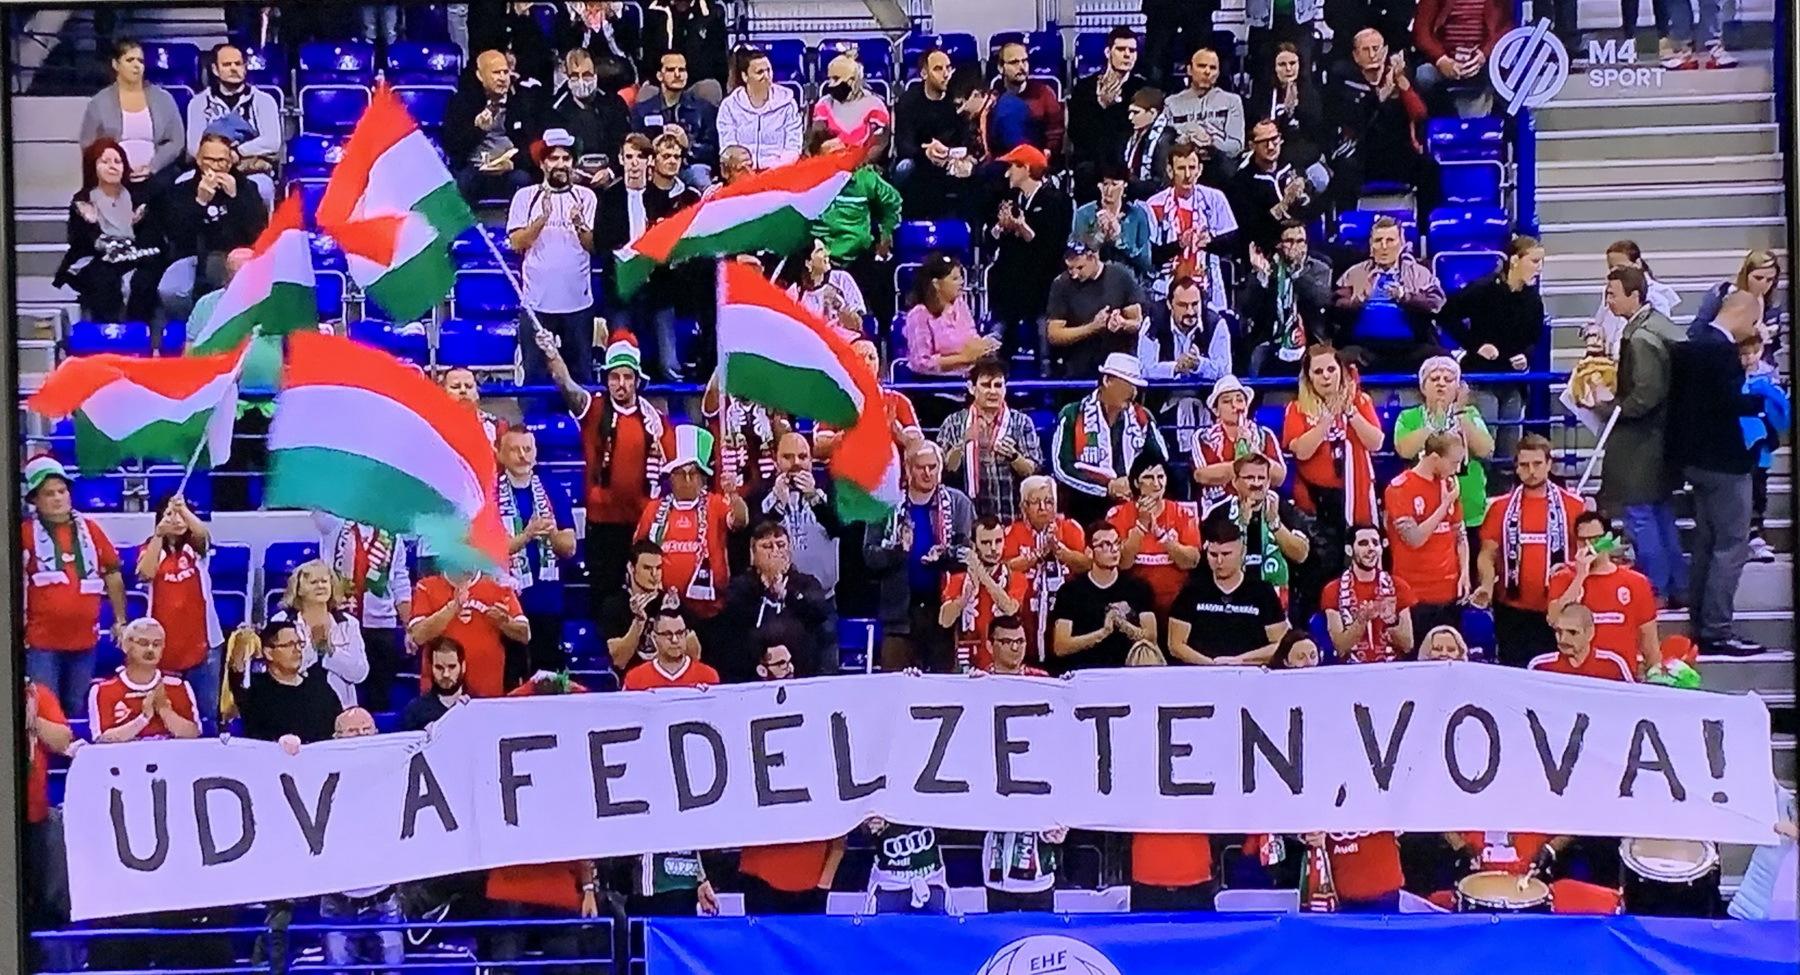 magyar-portugál - 2021 - érd - üdv a fedélzeten vova!